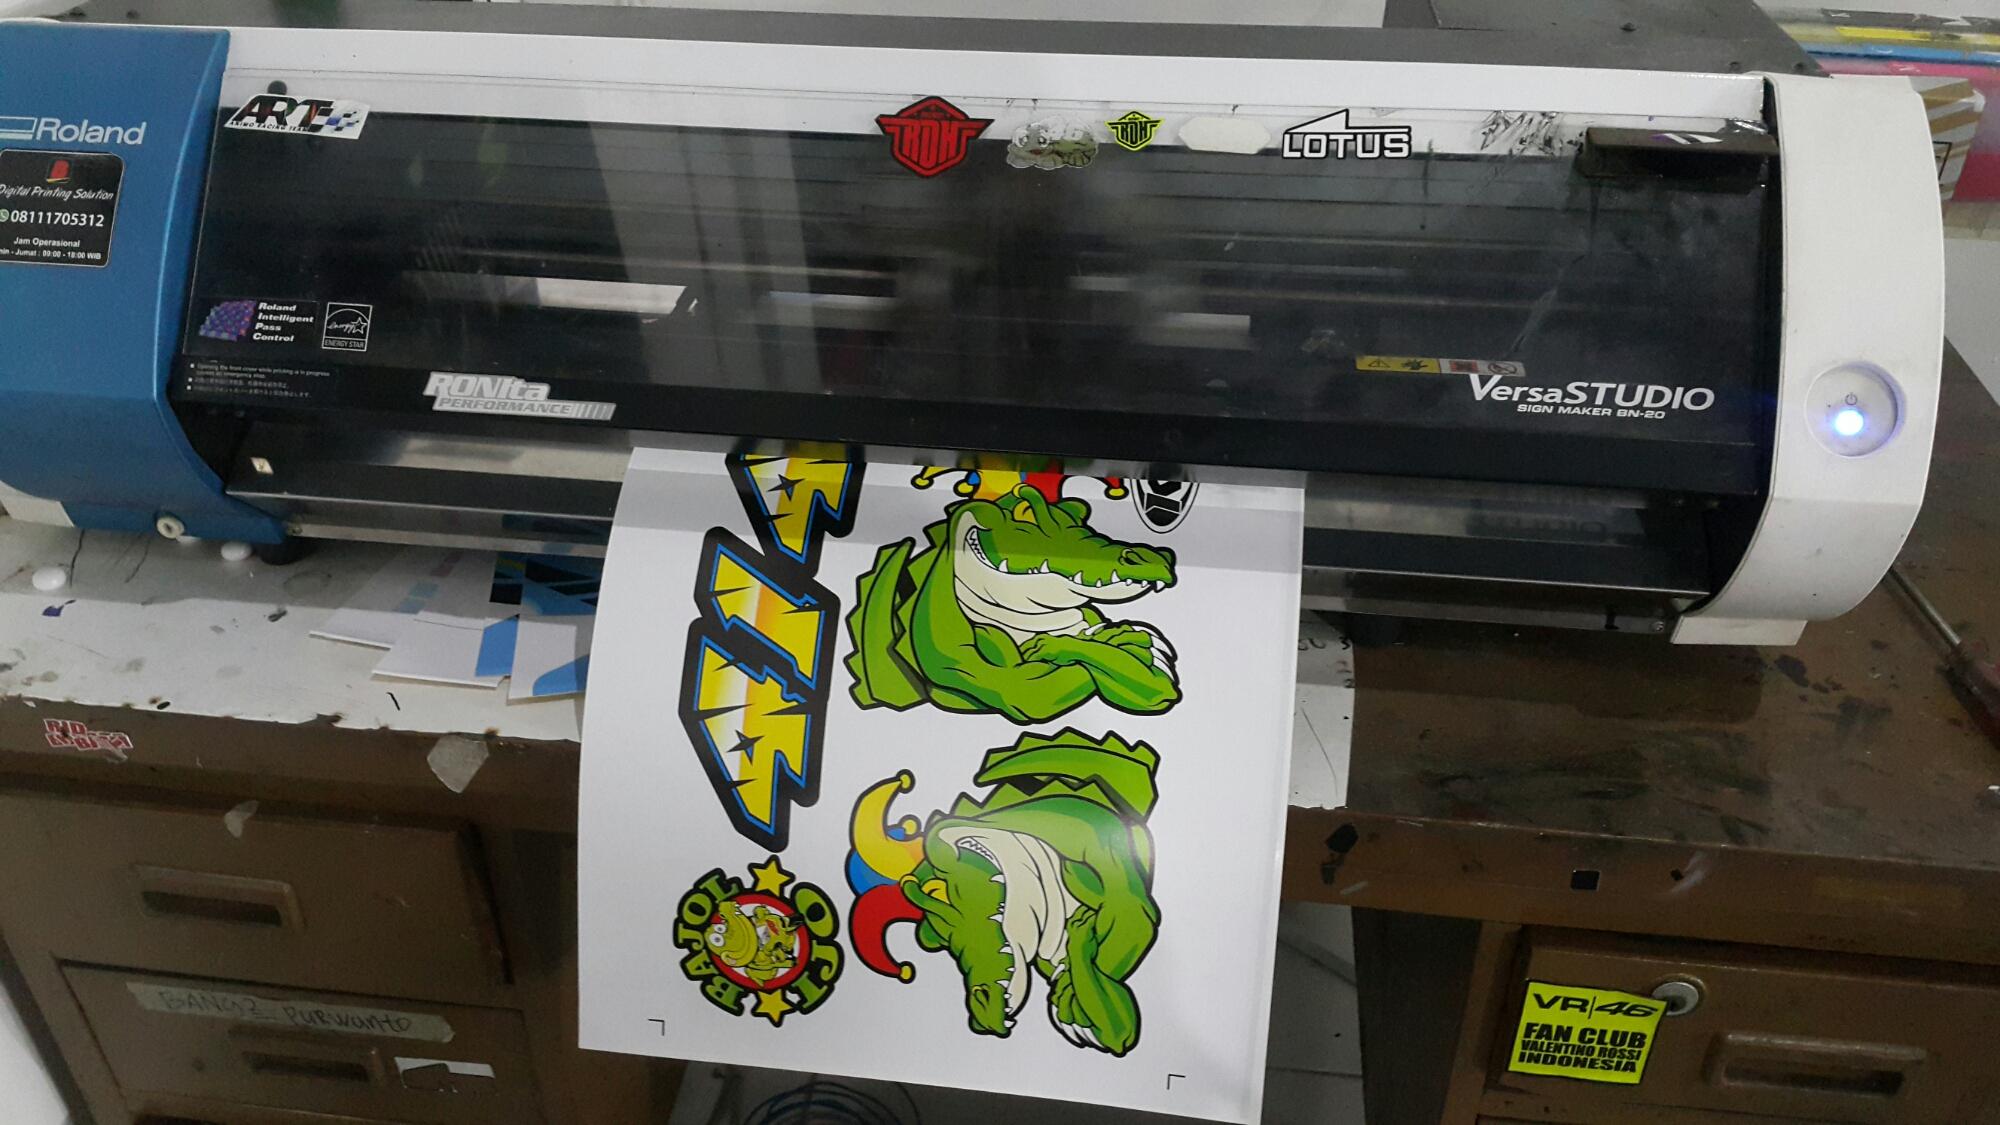 Printer bn20 ini mampu memotong sticker mencetak sticker mencetak water decal dan bisa mencetak water film sehingga kita bisa menggunakan hasil print di